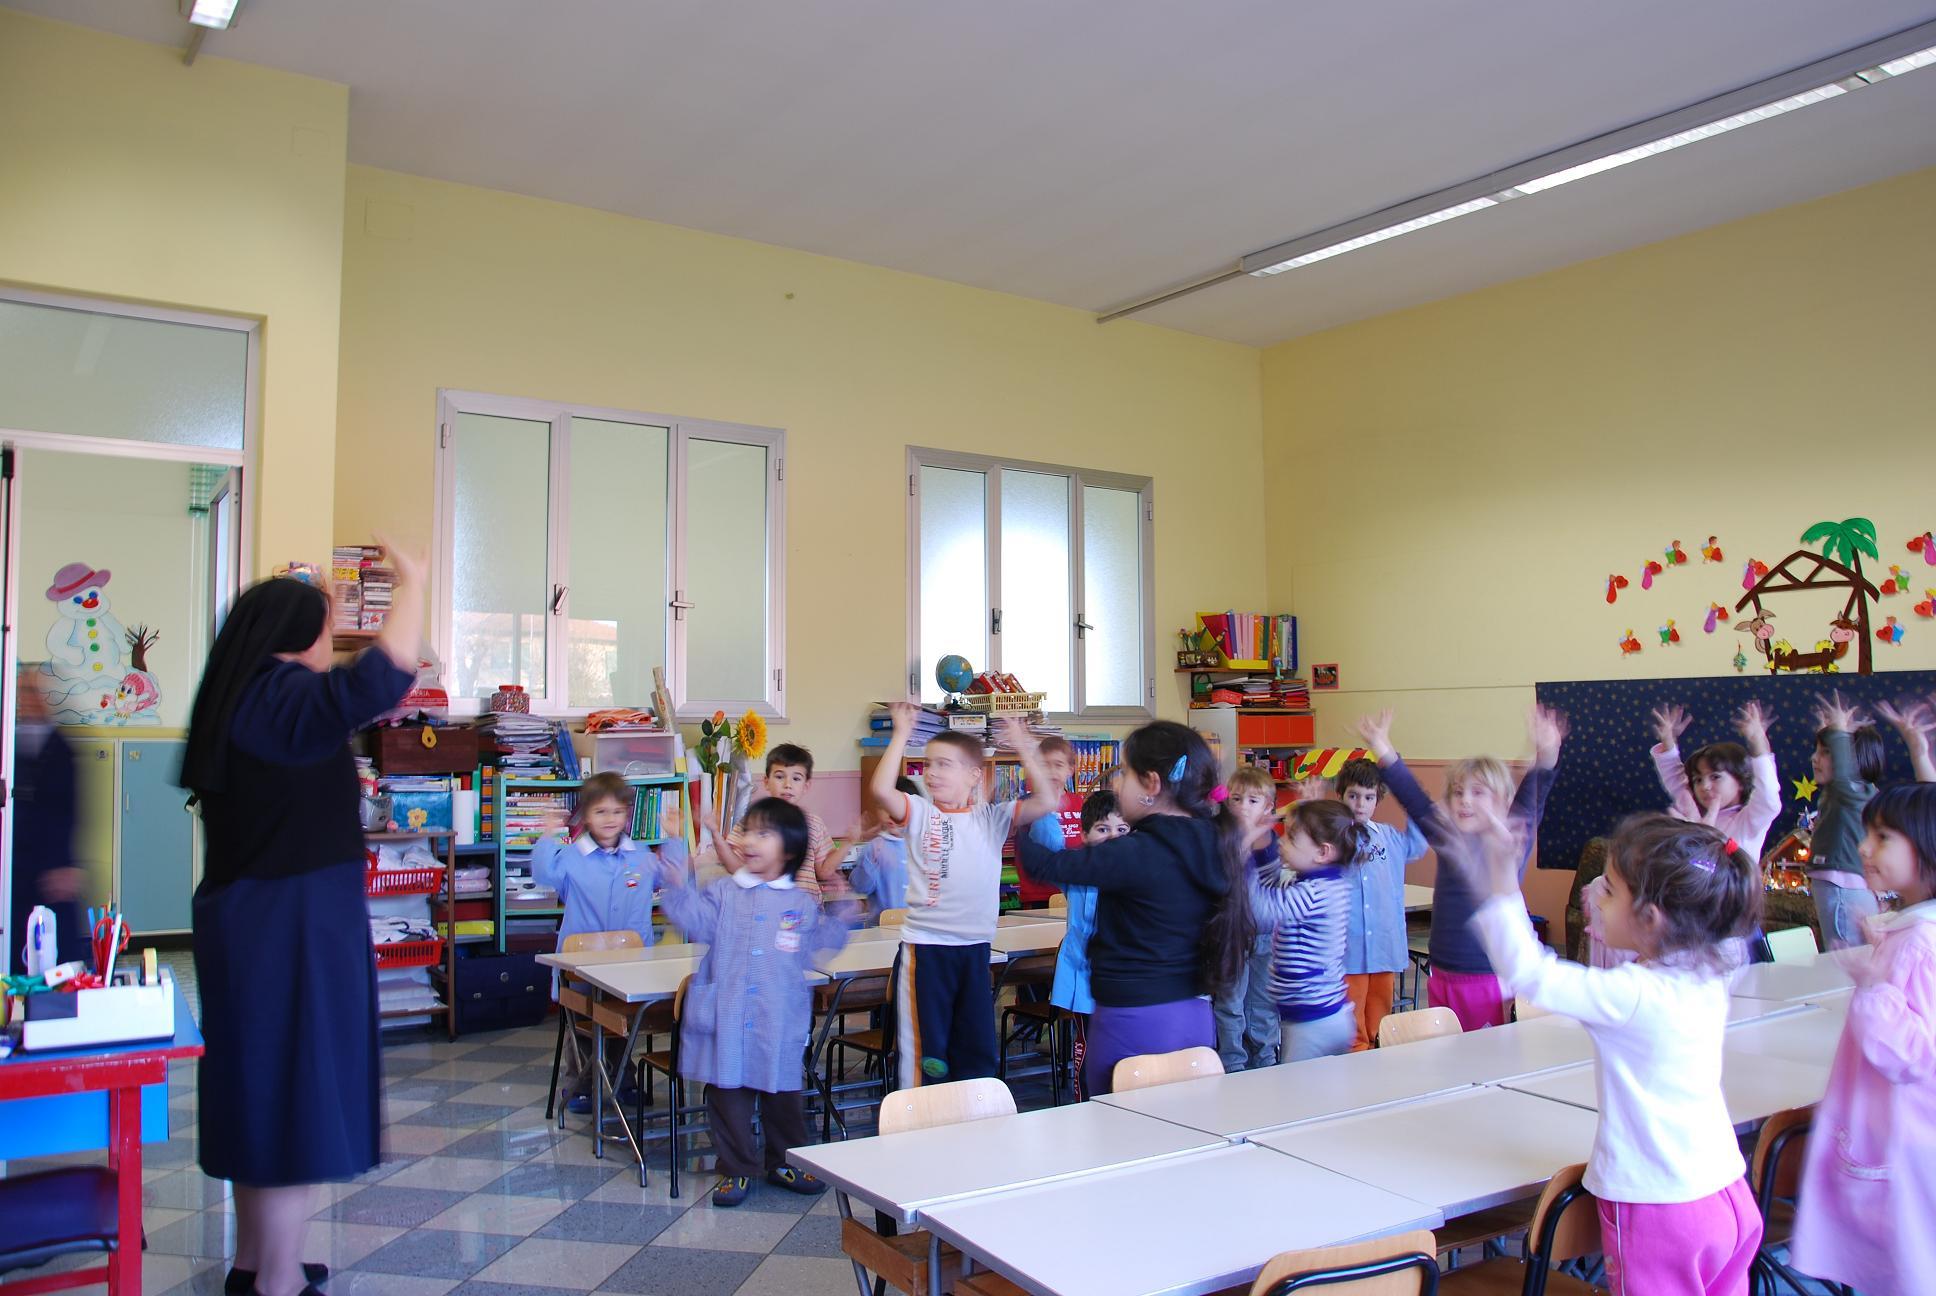 Salviamo la scuola materna san giuseppe parrocchia di for Scuola materna francese